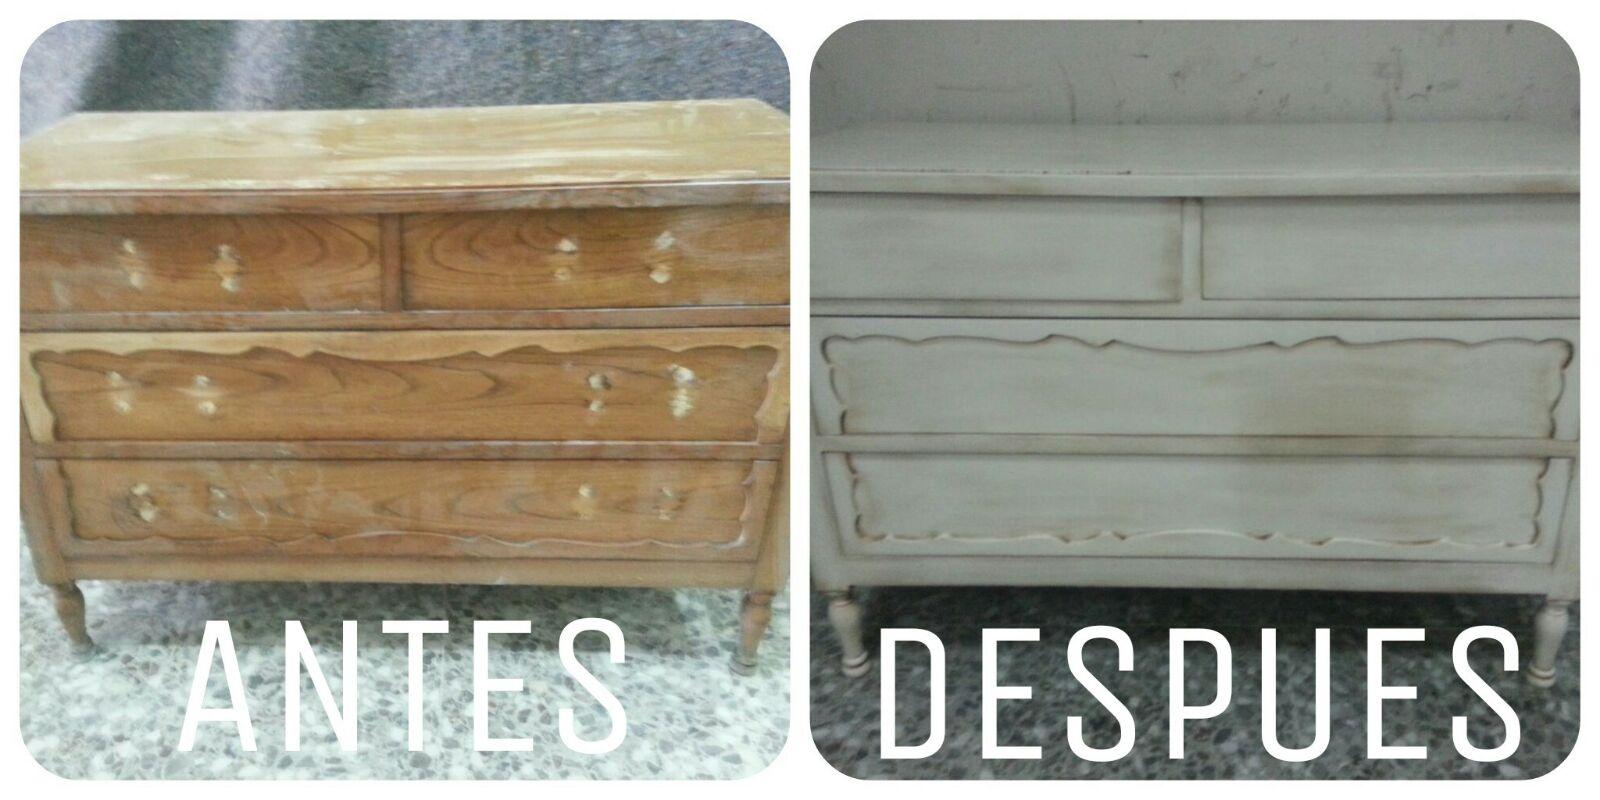 Restaurar muebles viejos antes y despues latest aqu est a for Restaurar muebles viejos antes y despues